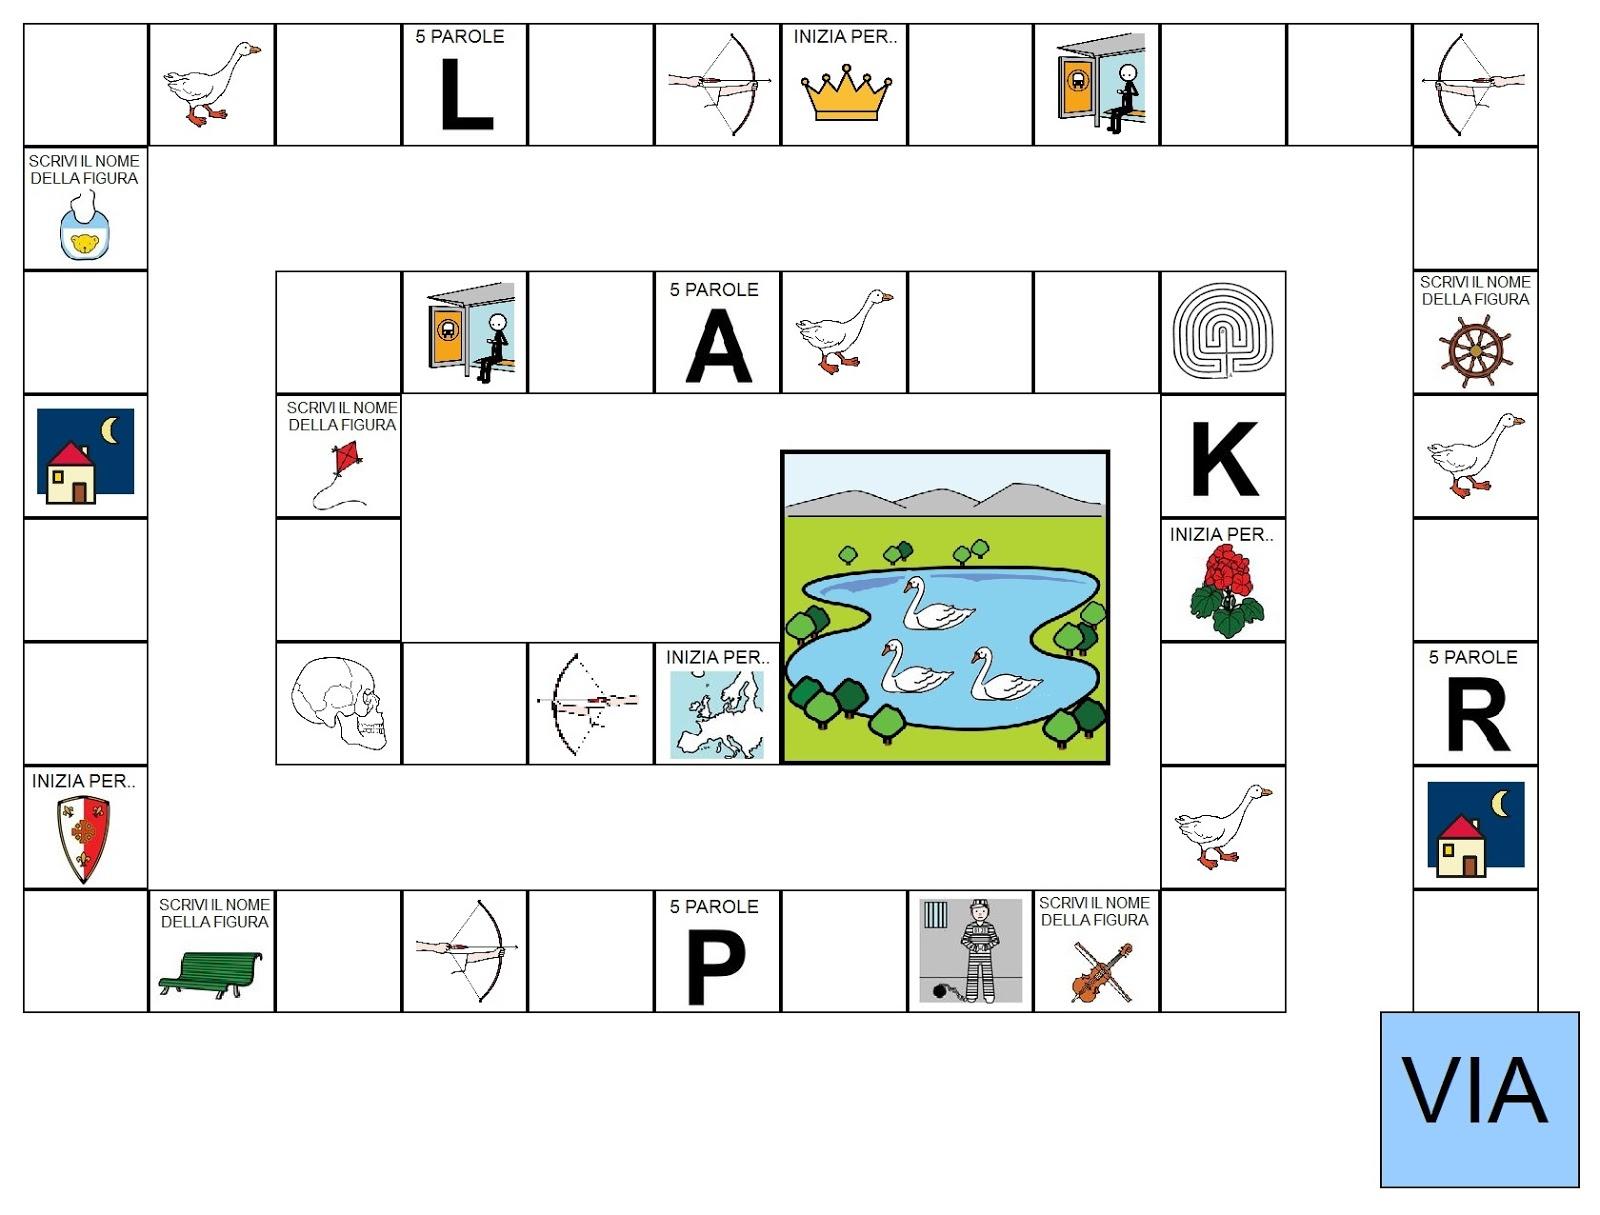 Comunicaazione gioco dell 39 oca delle parole for Gioco dell oca da stampare e colorare